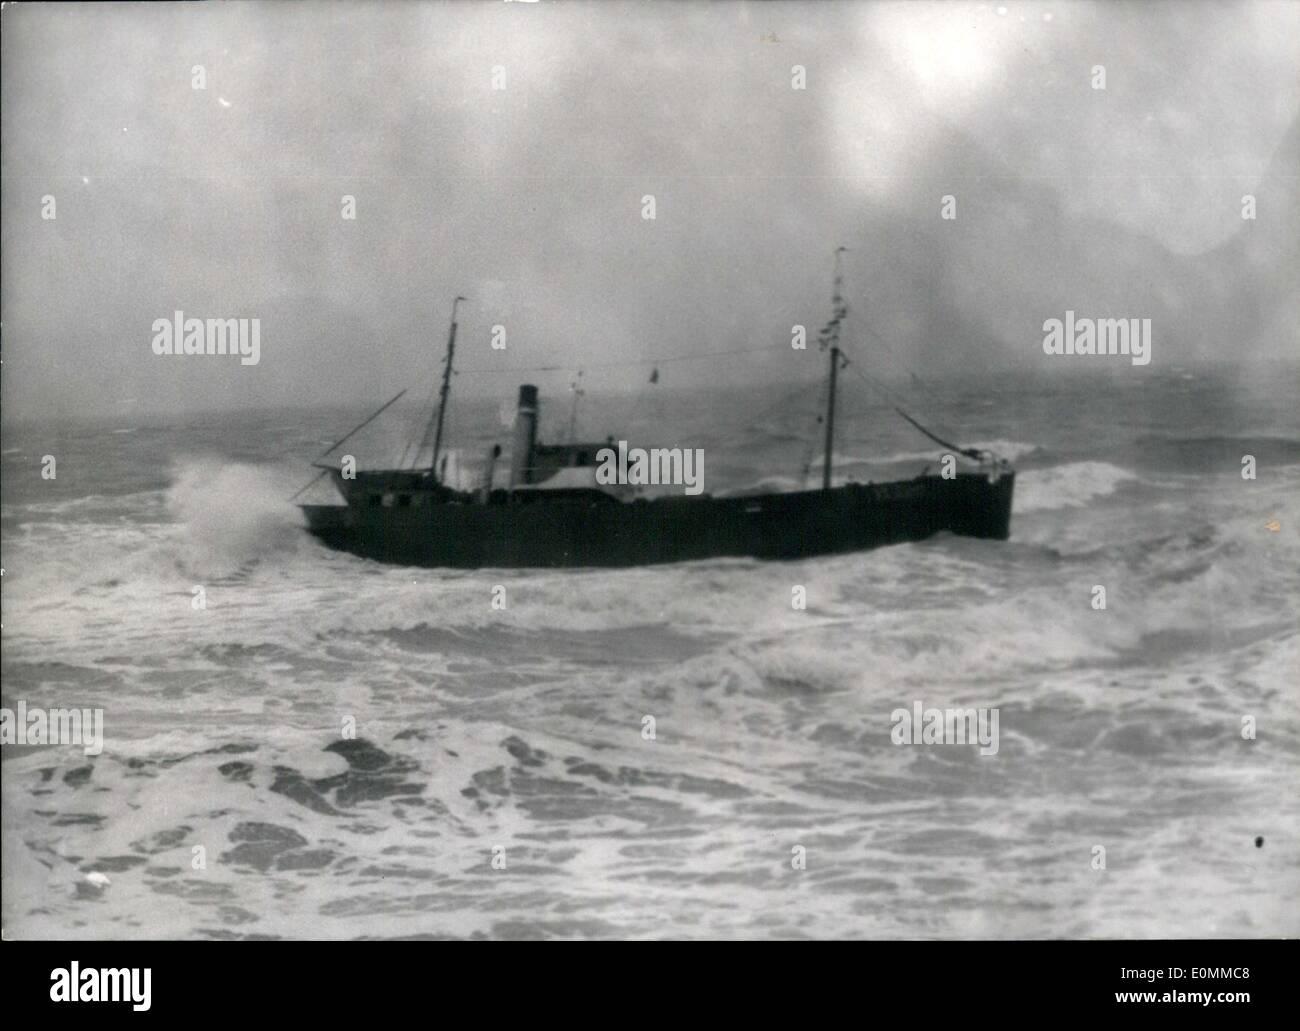 Diciembre 12, 1955 - Holandés arrastrero encallado cerca de Gris-Nez: El arrastrero holandés ''Nelly'' fue encallado en una espesa niebla en Audresselles, cerca del cap Gris Nez. El capitán del buque y tres hombres de la tripulación permaneció a bordo. El arrastrero conectado a tierra. Imagen De Stock